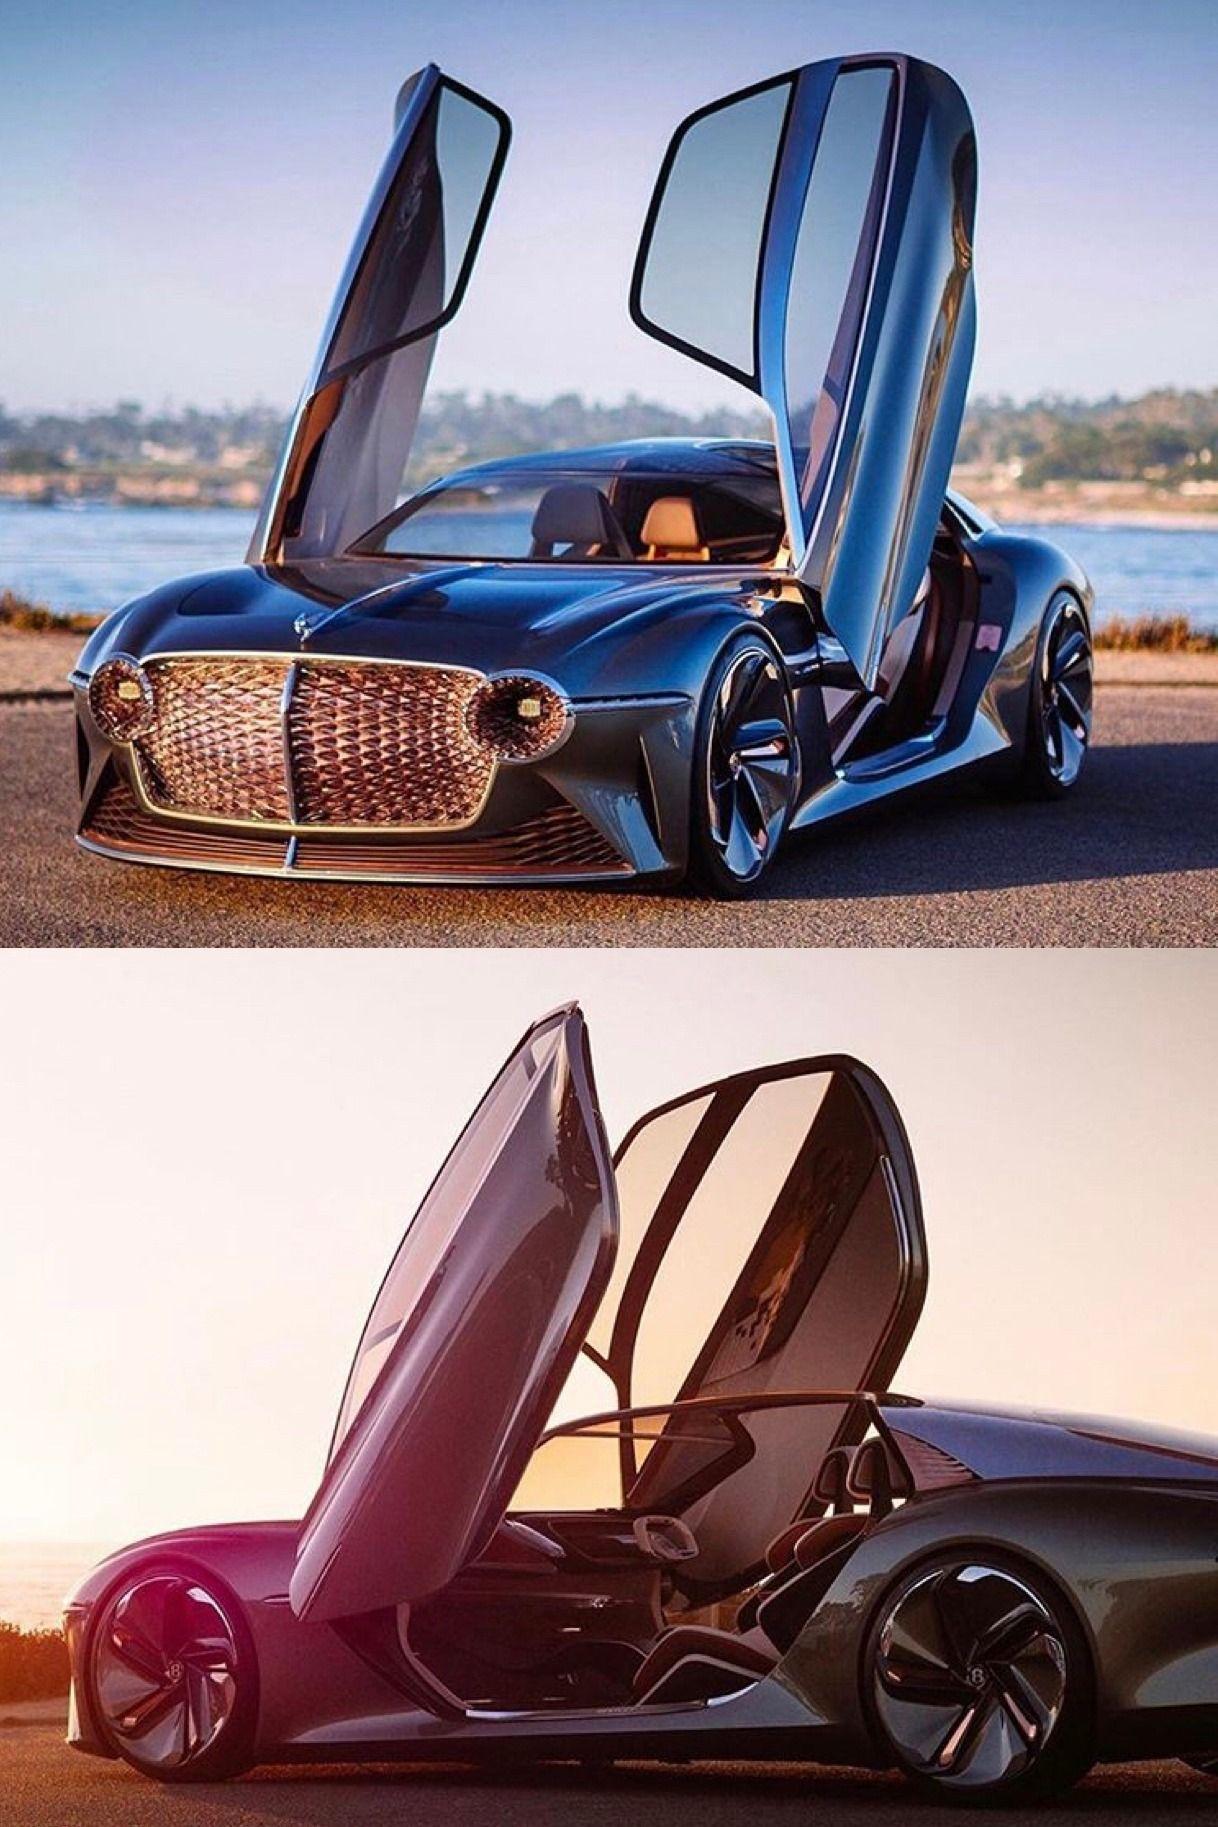 Supercars Cars Vehicles Auto Automotive Millionaires Billionaires Rich Luxury Lifestyle Super Cars Concept Cars Cars